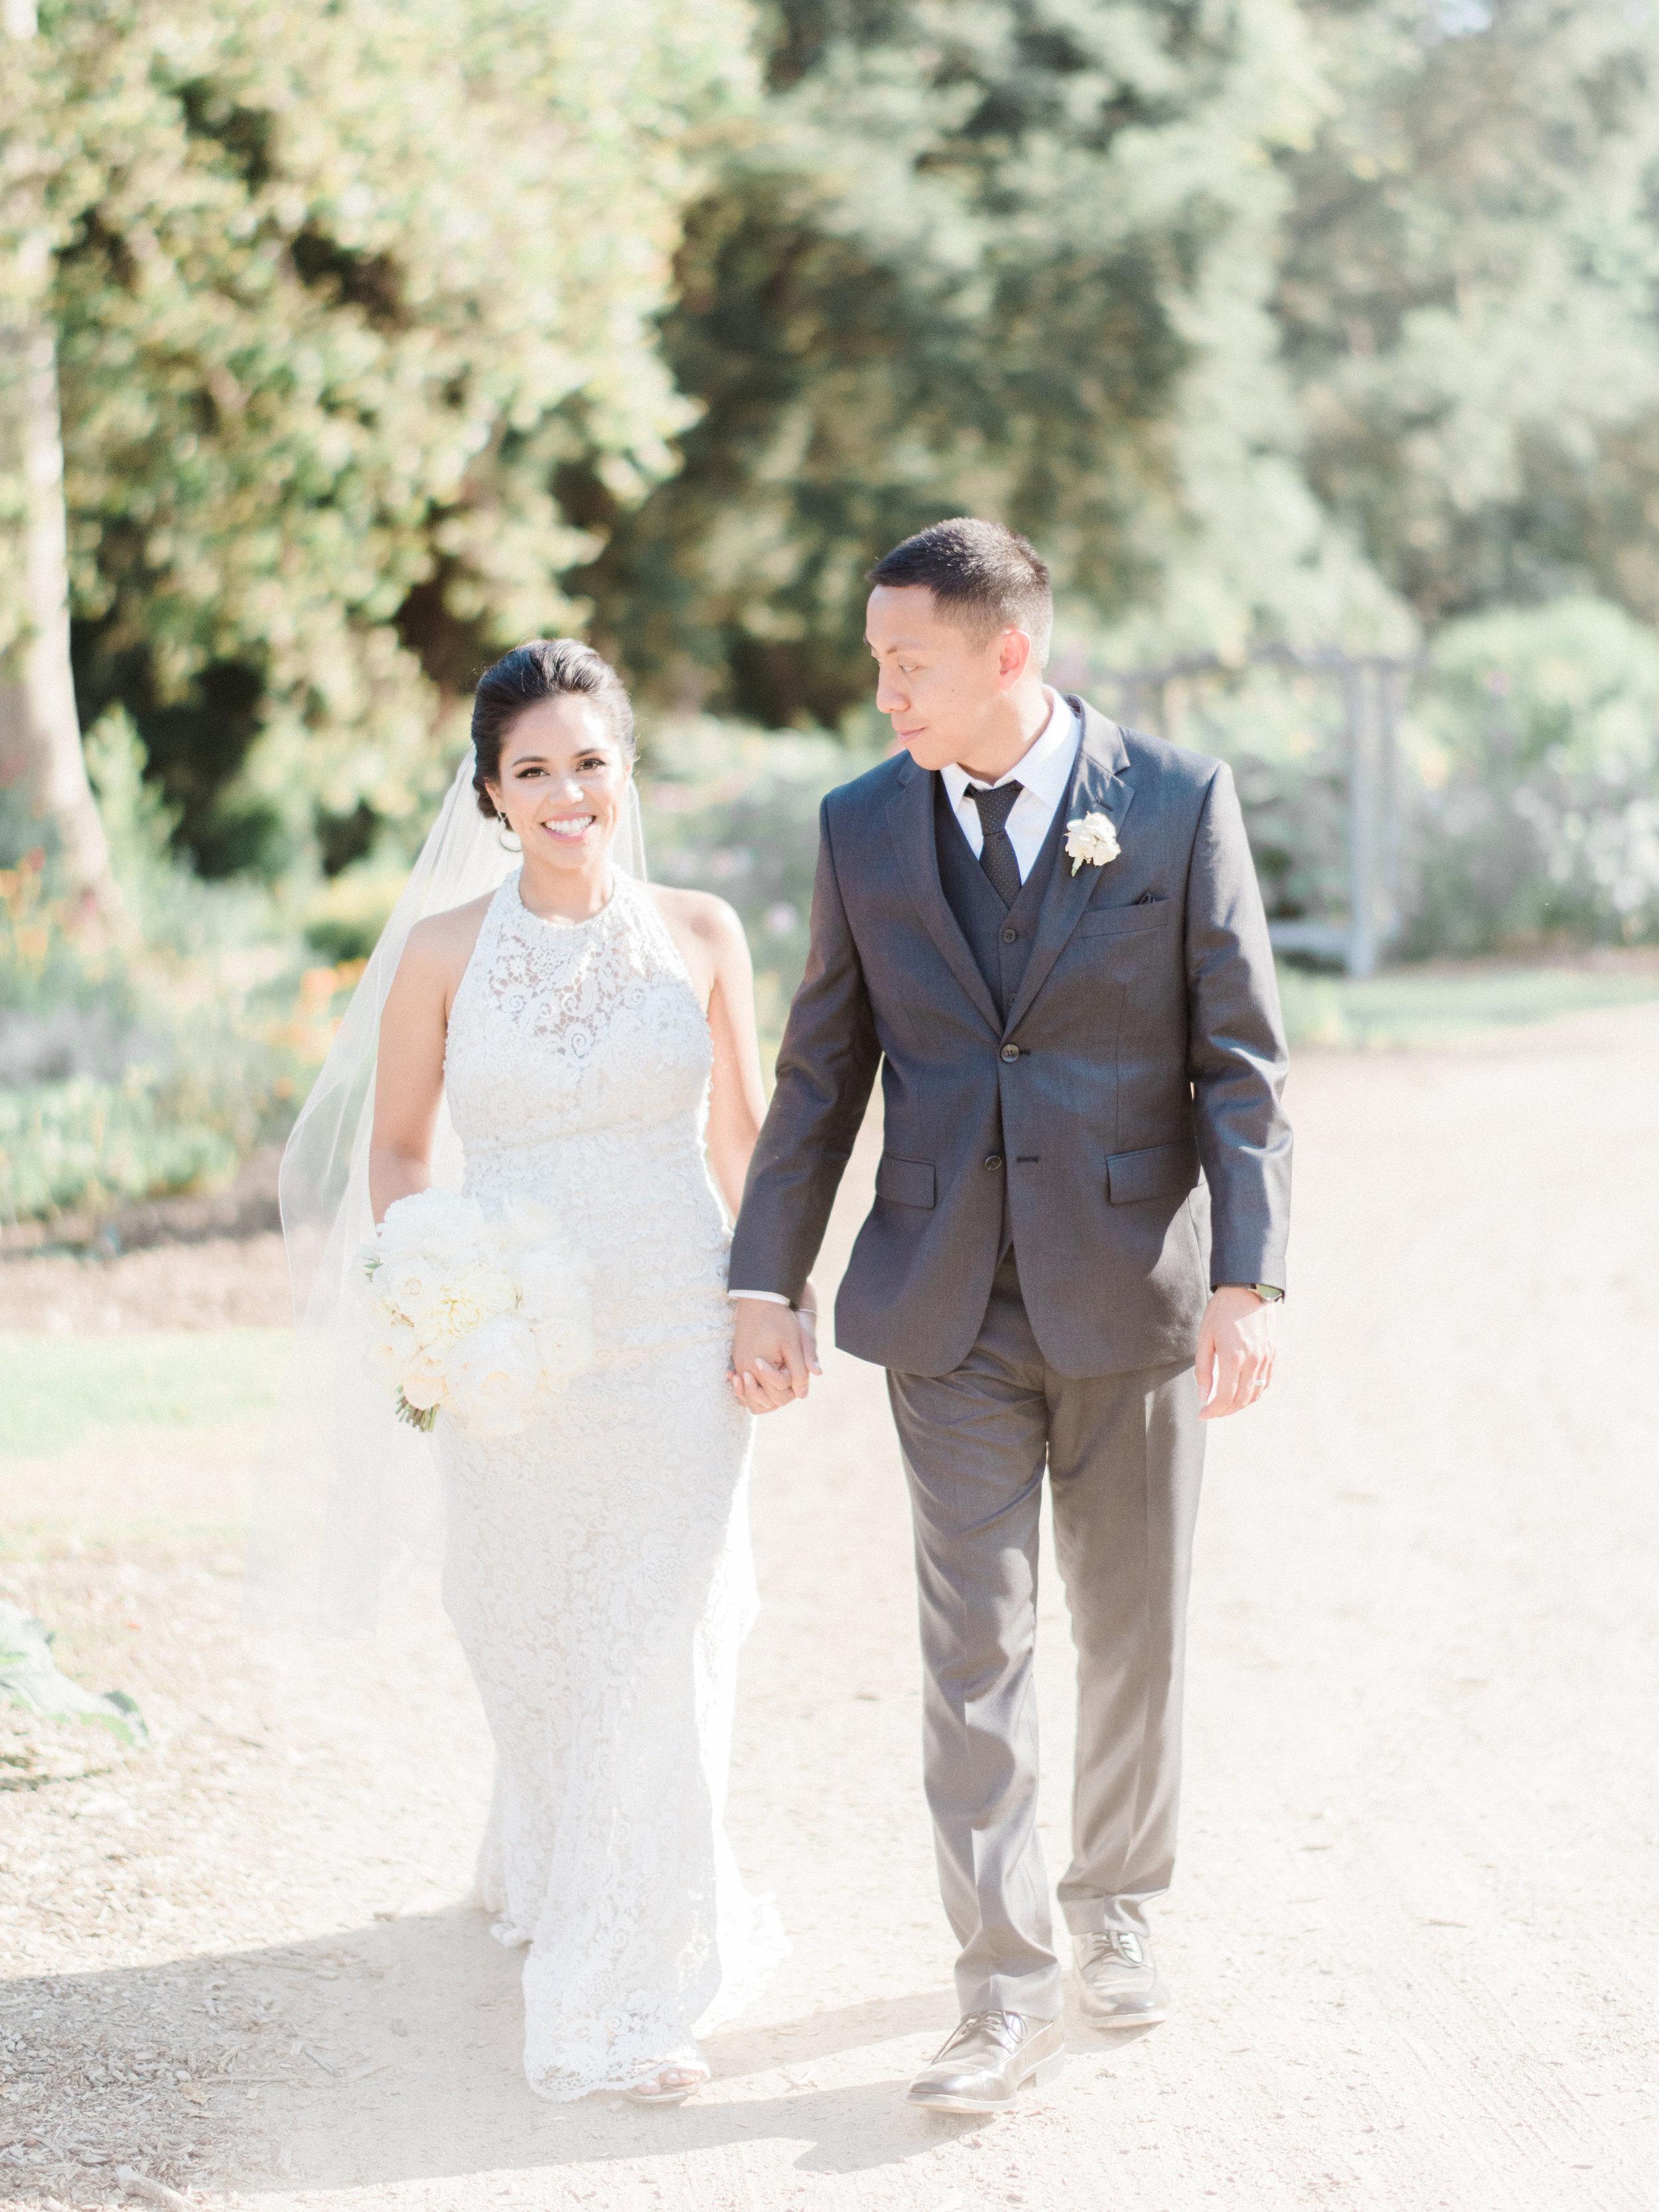 lilibethandjoey-wedding-611.jpg